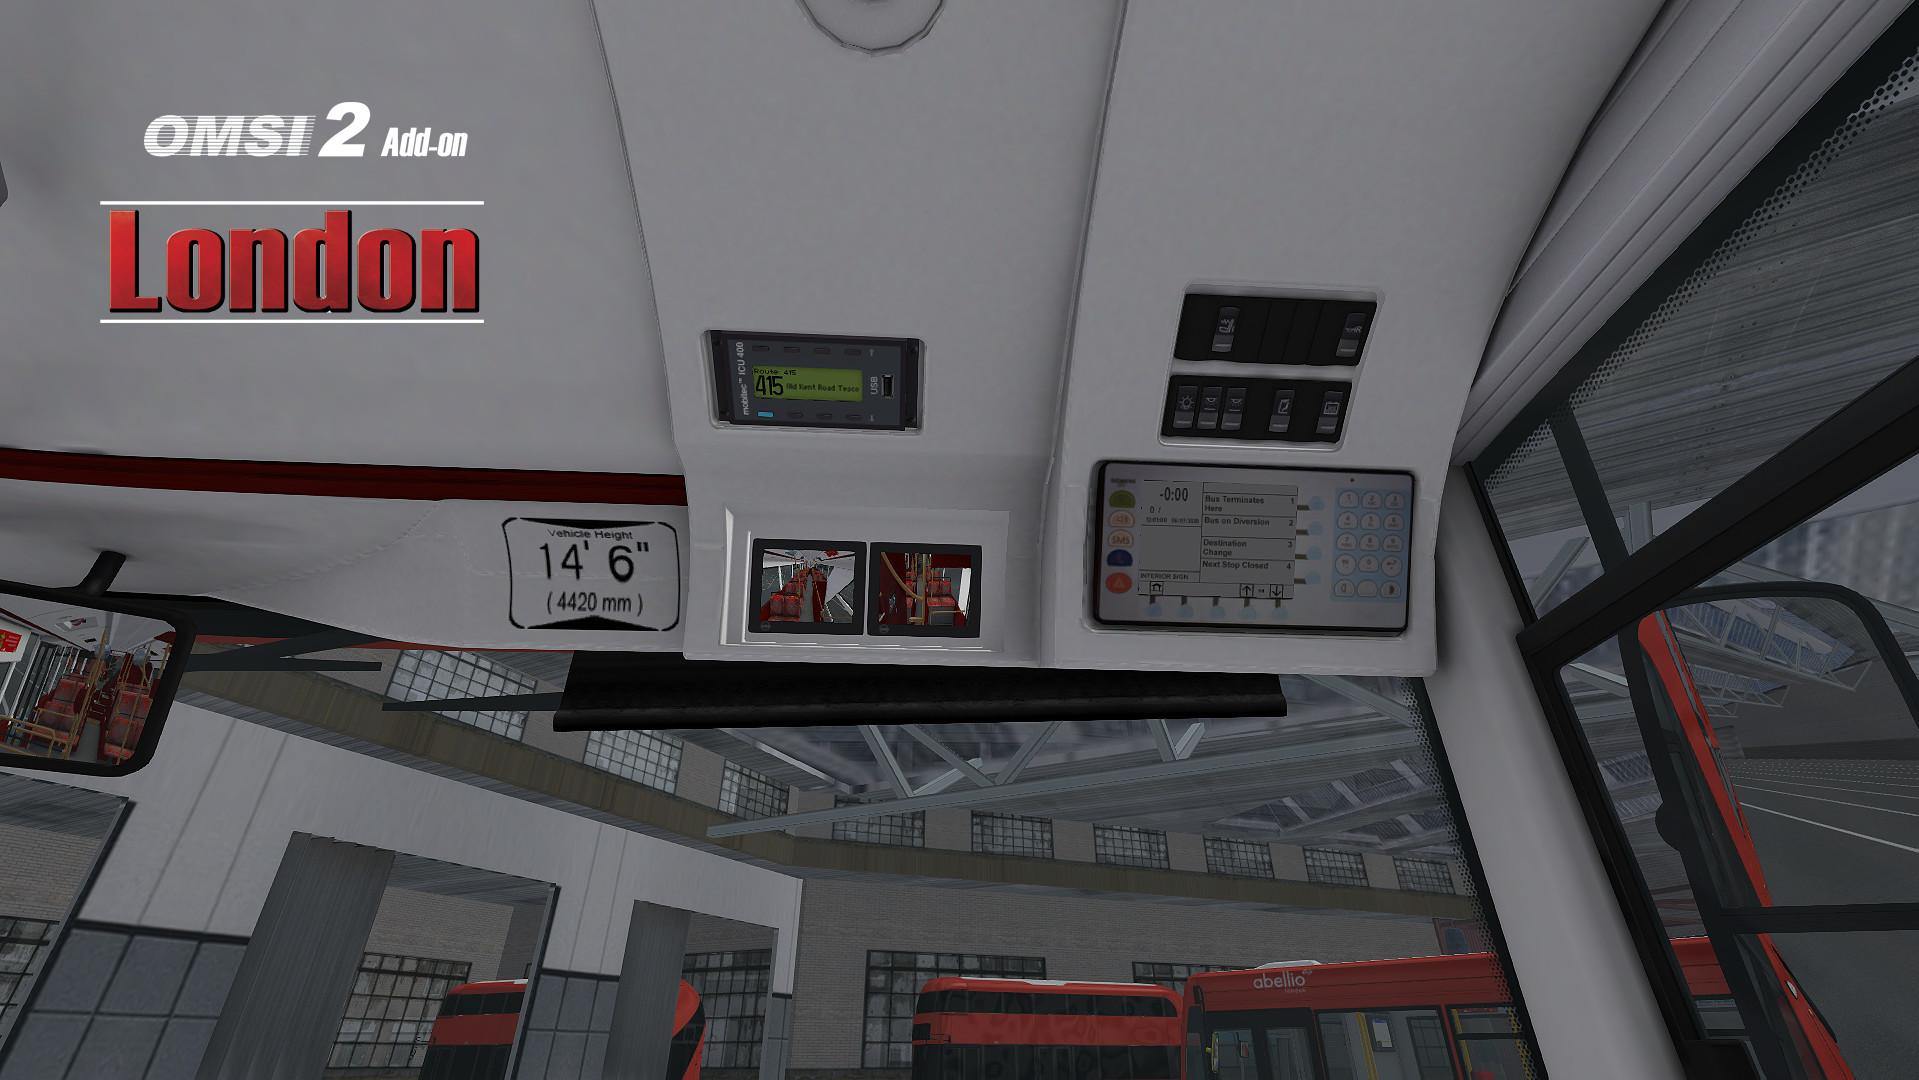 OMSI 2 Add-On London screenshot